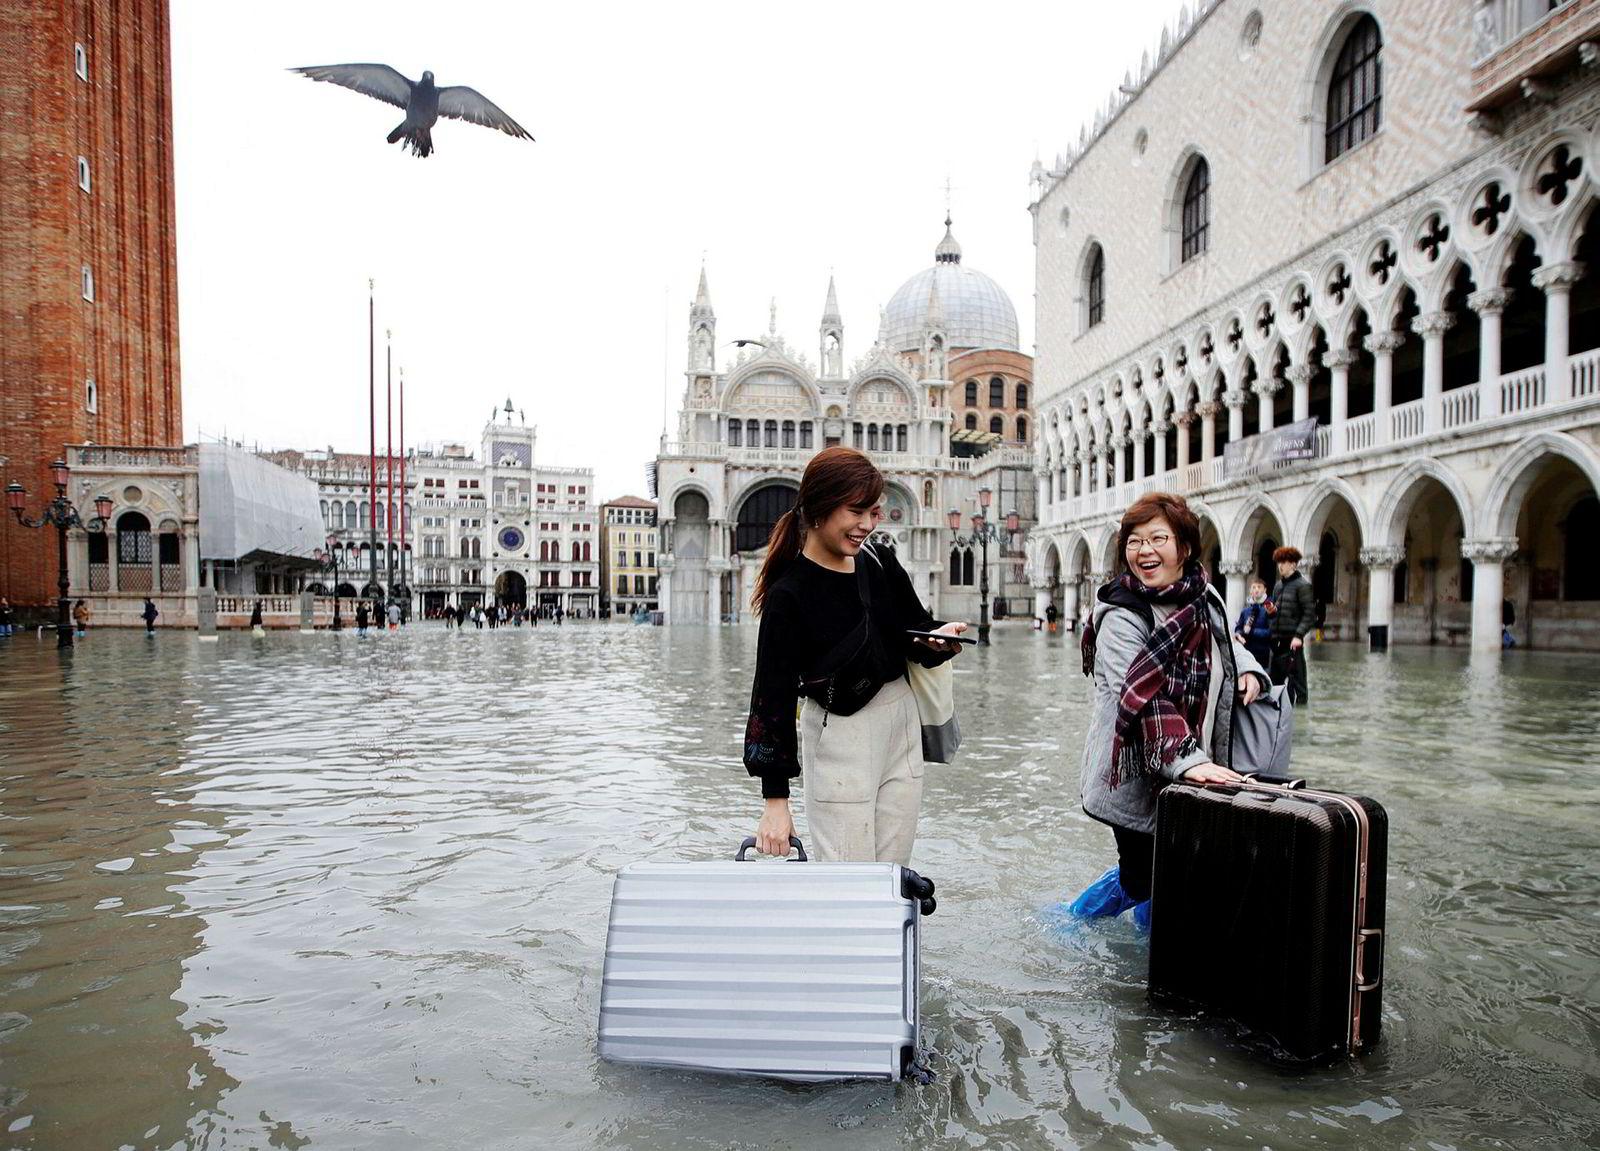 Turister flyter bagasjen sin over en oversvømmet Markusplass i Venezia.